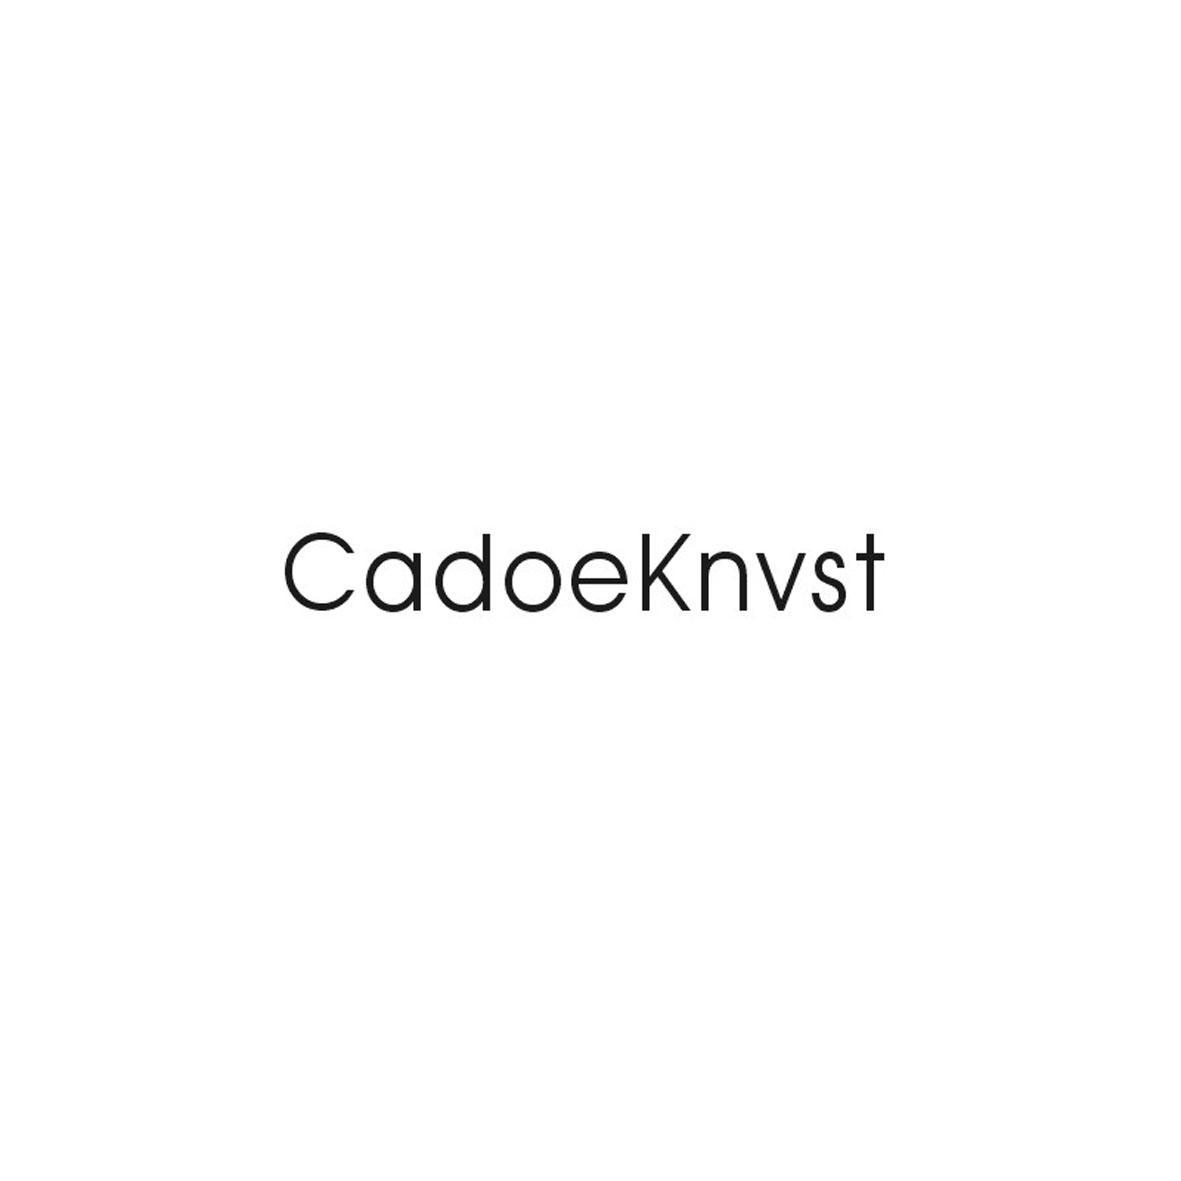 18类-箱包皮具CADOEKNVST商标转让